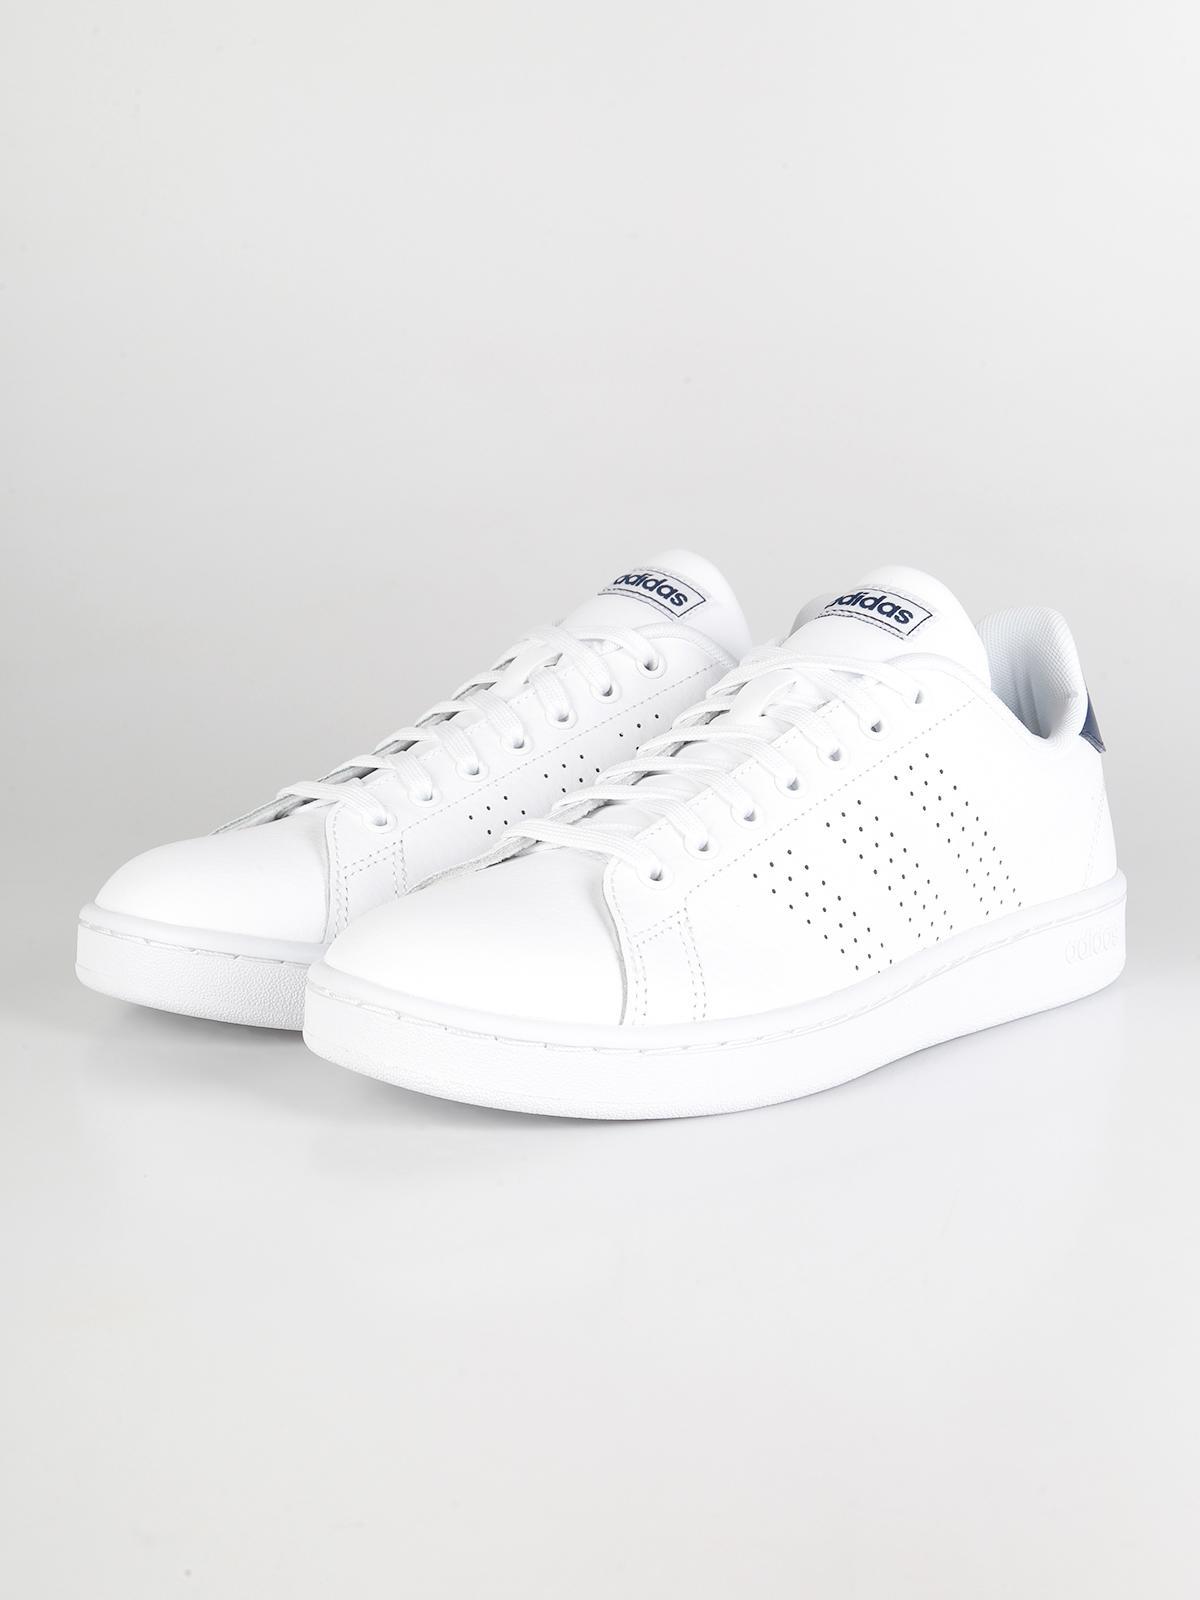 Sneakers Uomo AdidasMecshopping Bianco Advantage Basse bfgY76y